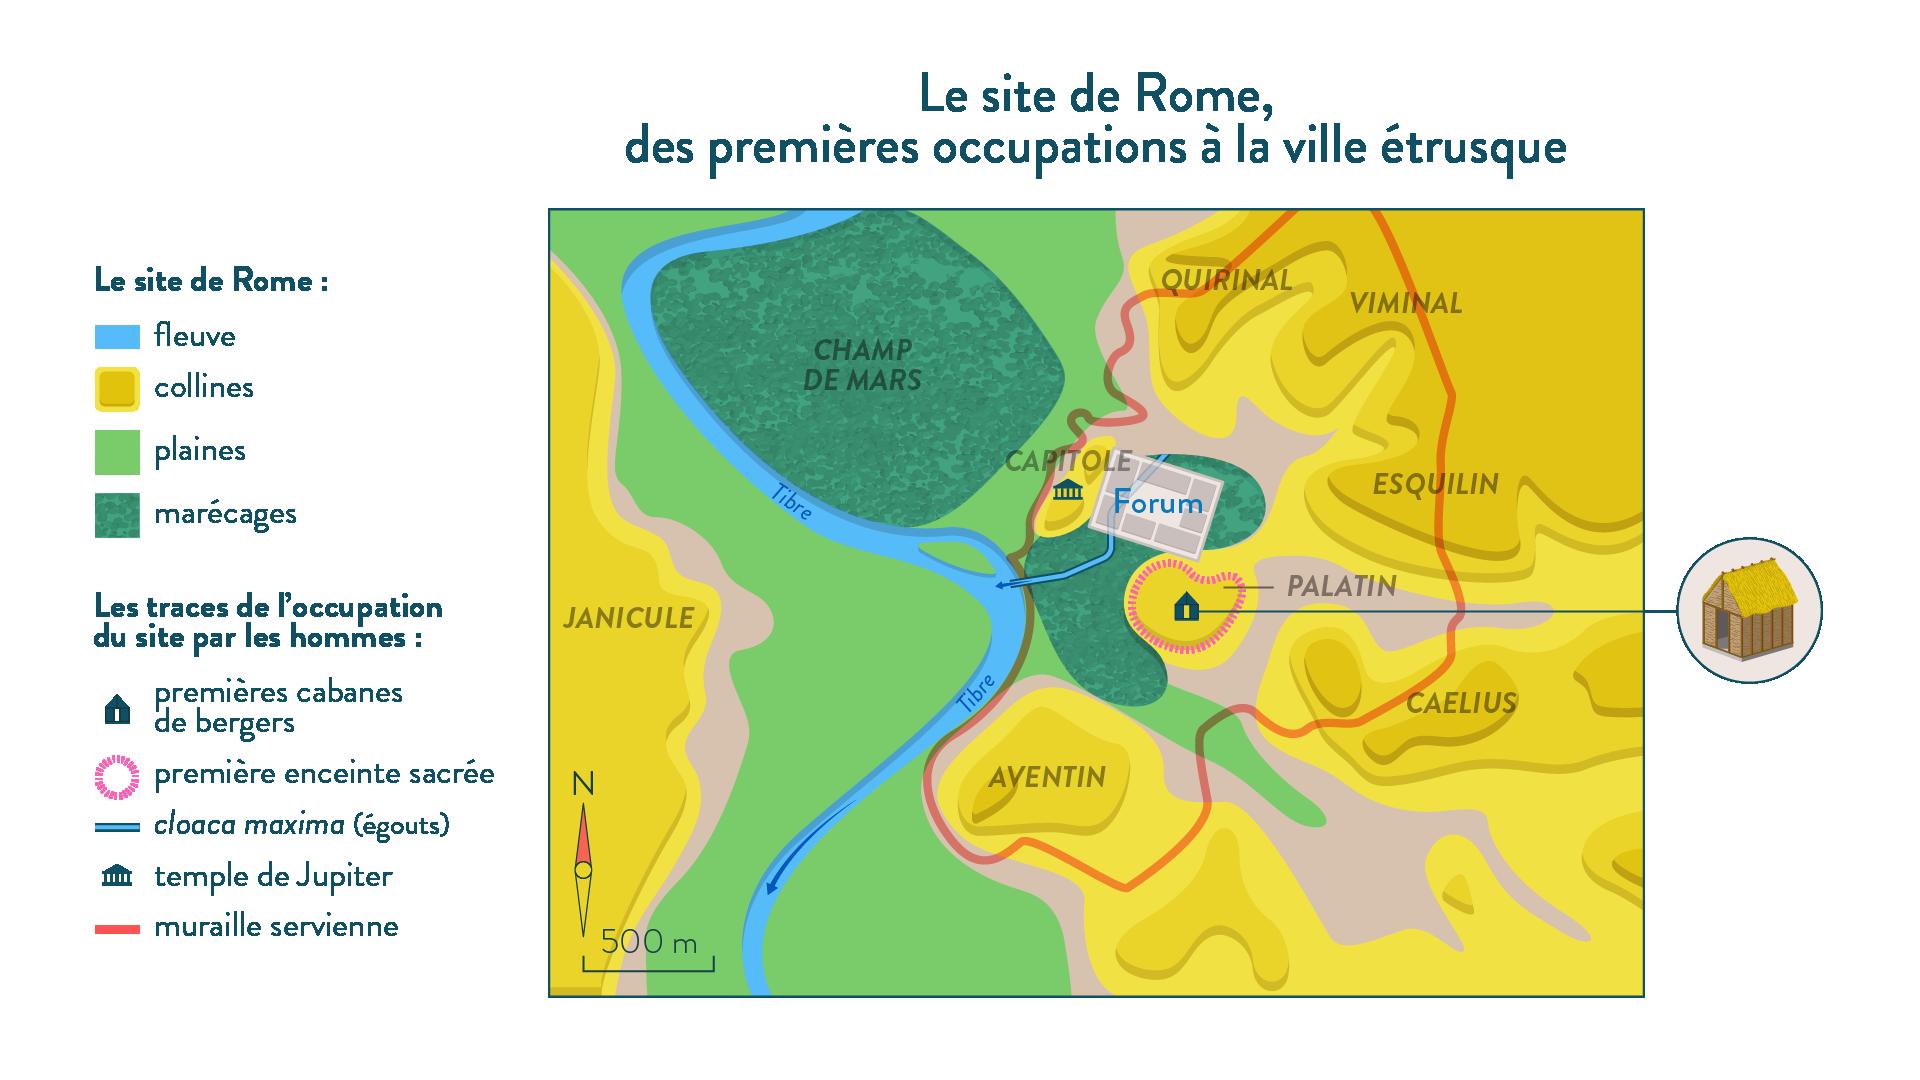 Le site de Rome, des premières occupations à la ville étrusque-histoire-6e